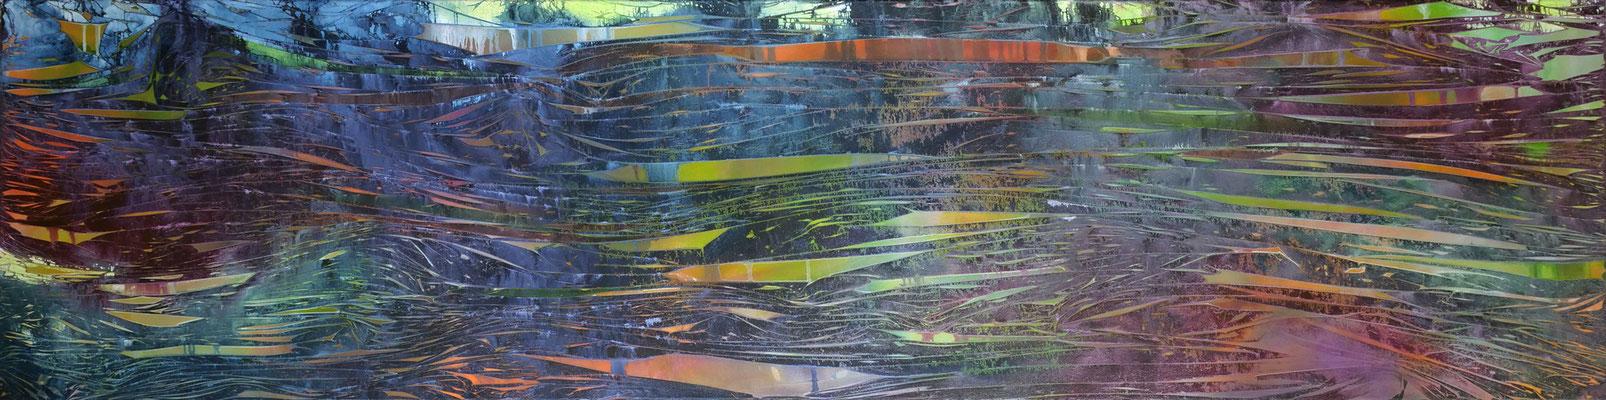 Panorama, 240x60cm, acryl on cavas, Banck 2020